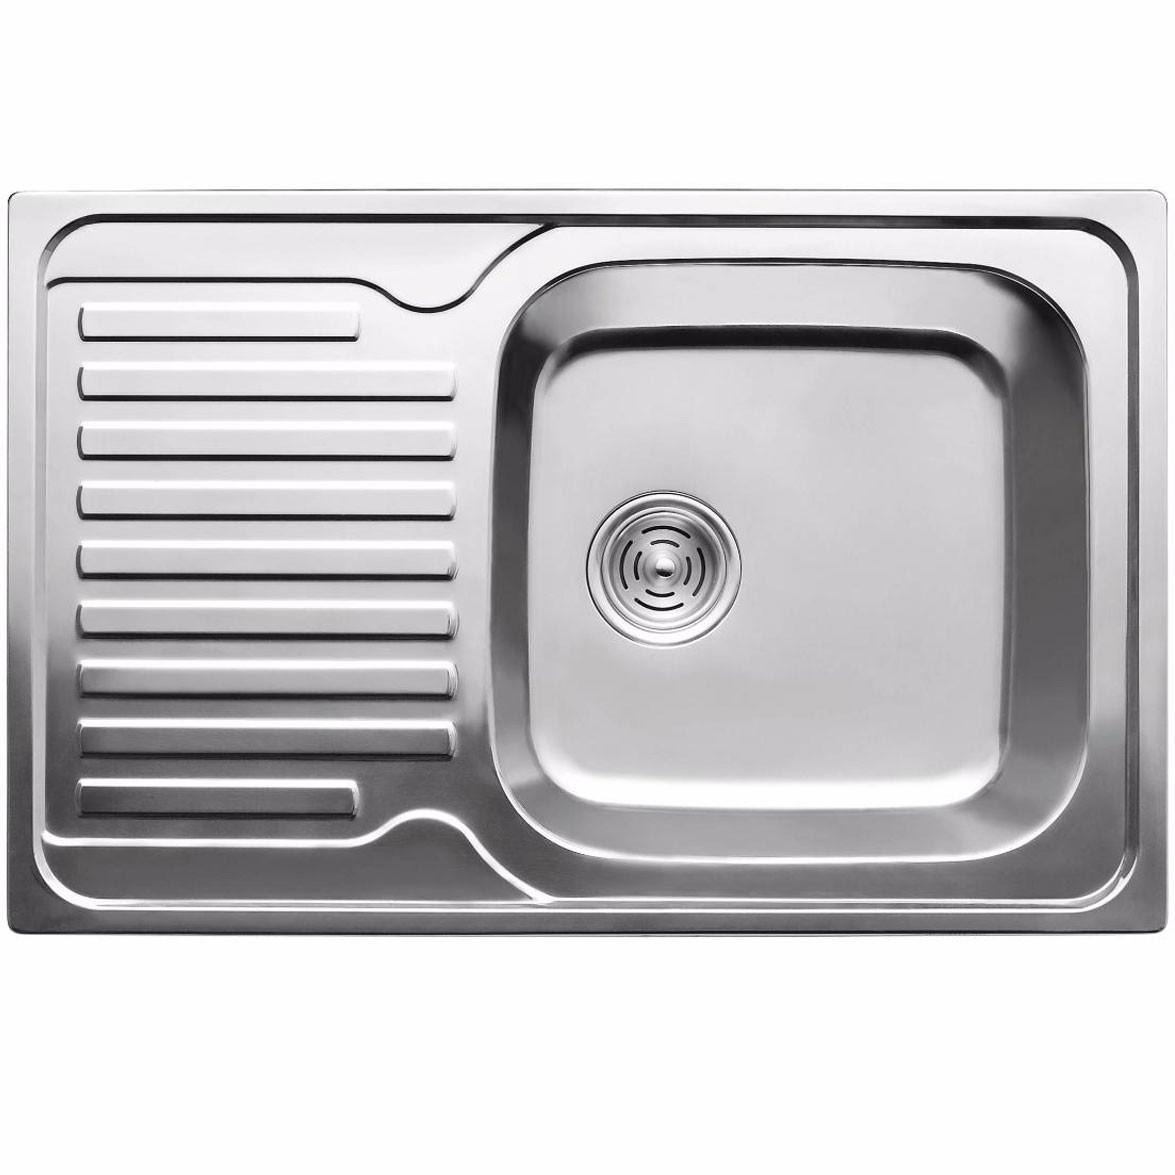 Кухонная мойка из нержавеющей стали ULA 7203 ZS polish